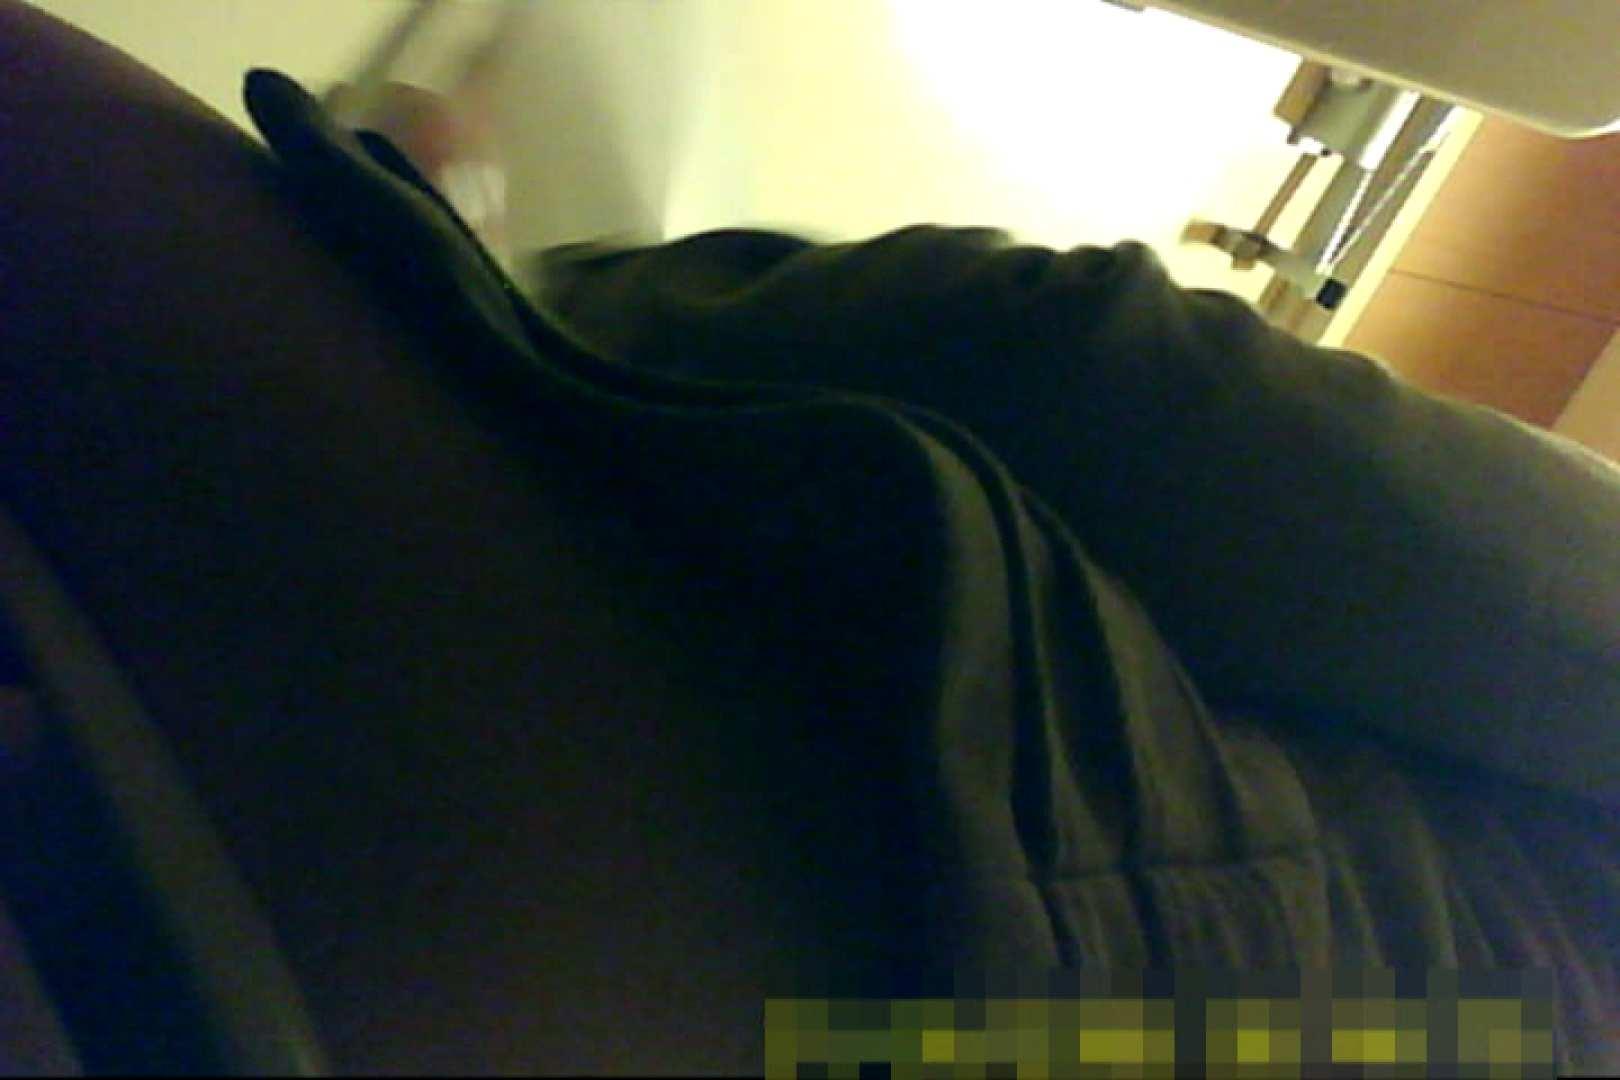 魅惑の化粧室~禁断のプライベート空間~22 チラ セックス無修正動画無料 106連発 74